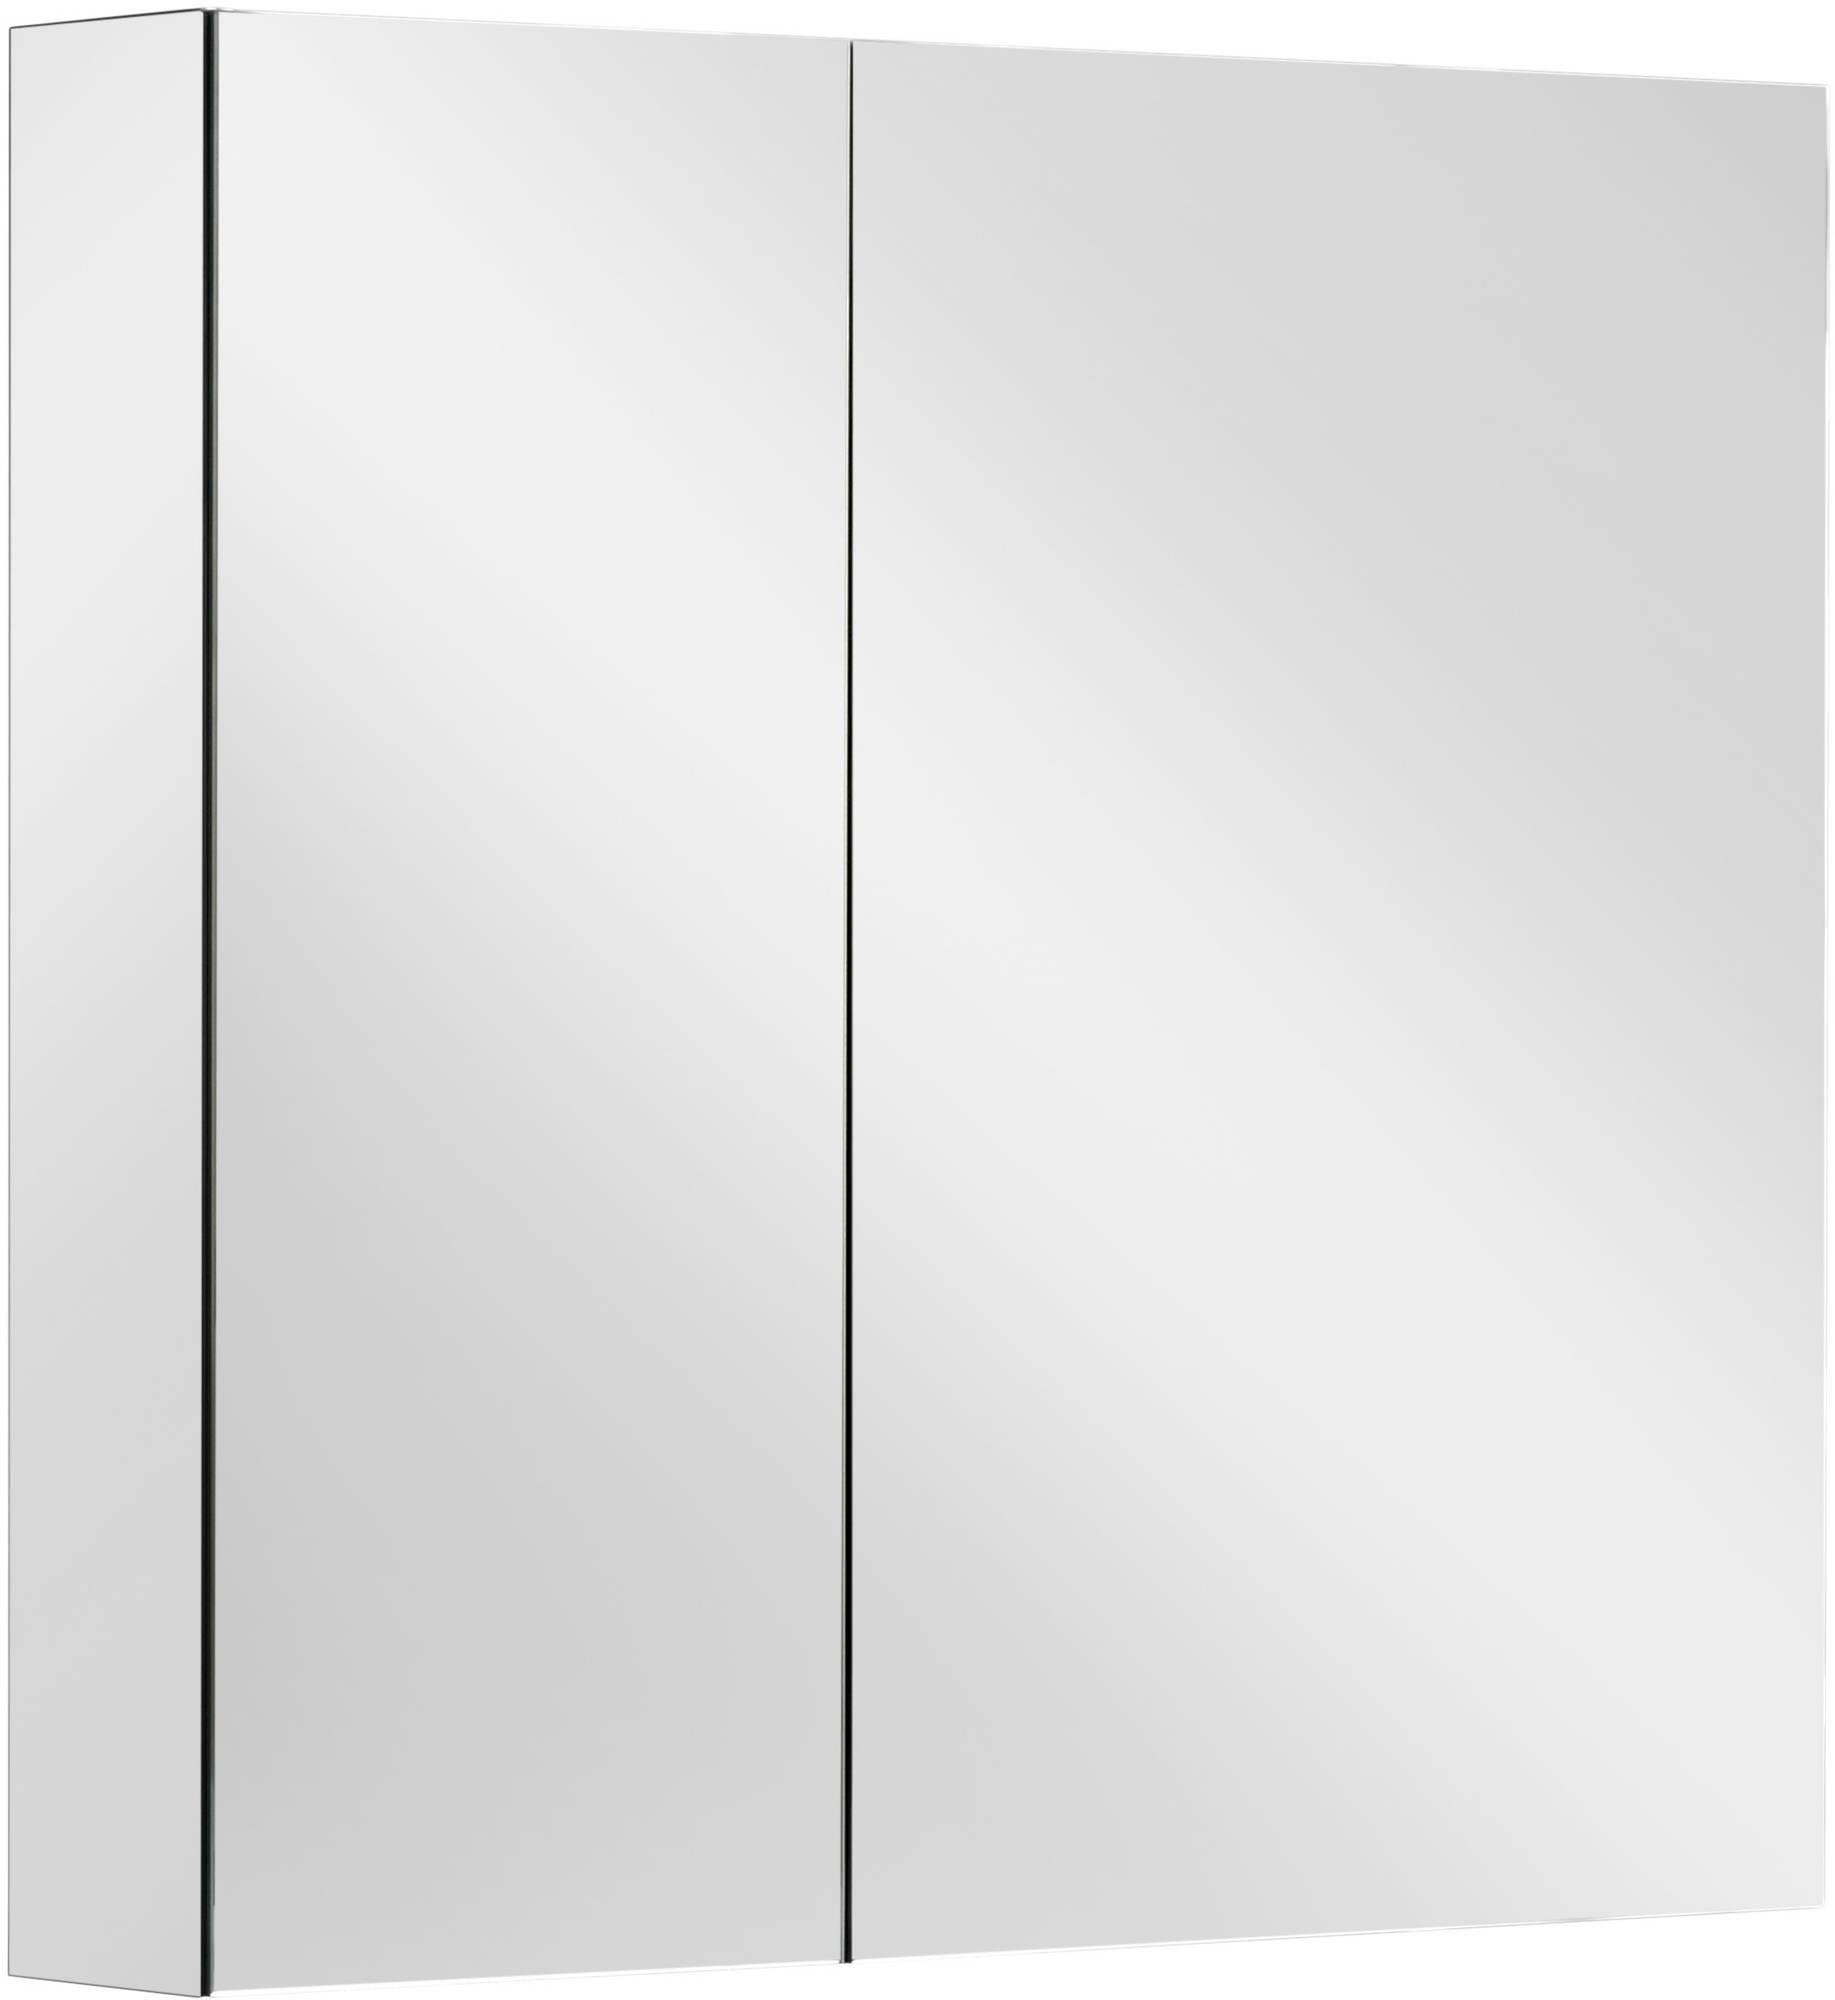 Ben Vario spiegelkast,2 ongelijke delen,rechts,70x14x75cm, spiegelmelamine omtrokken zijpanelen